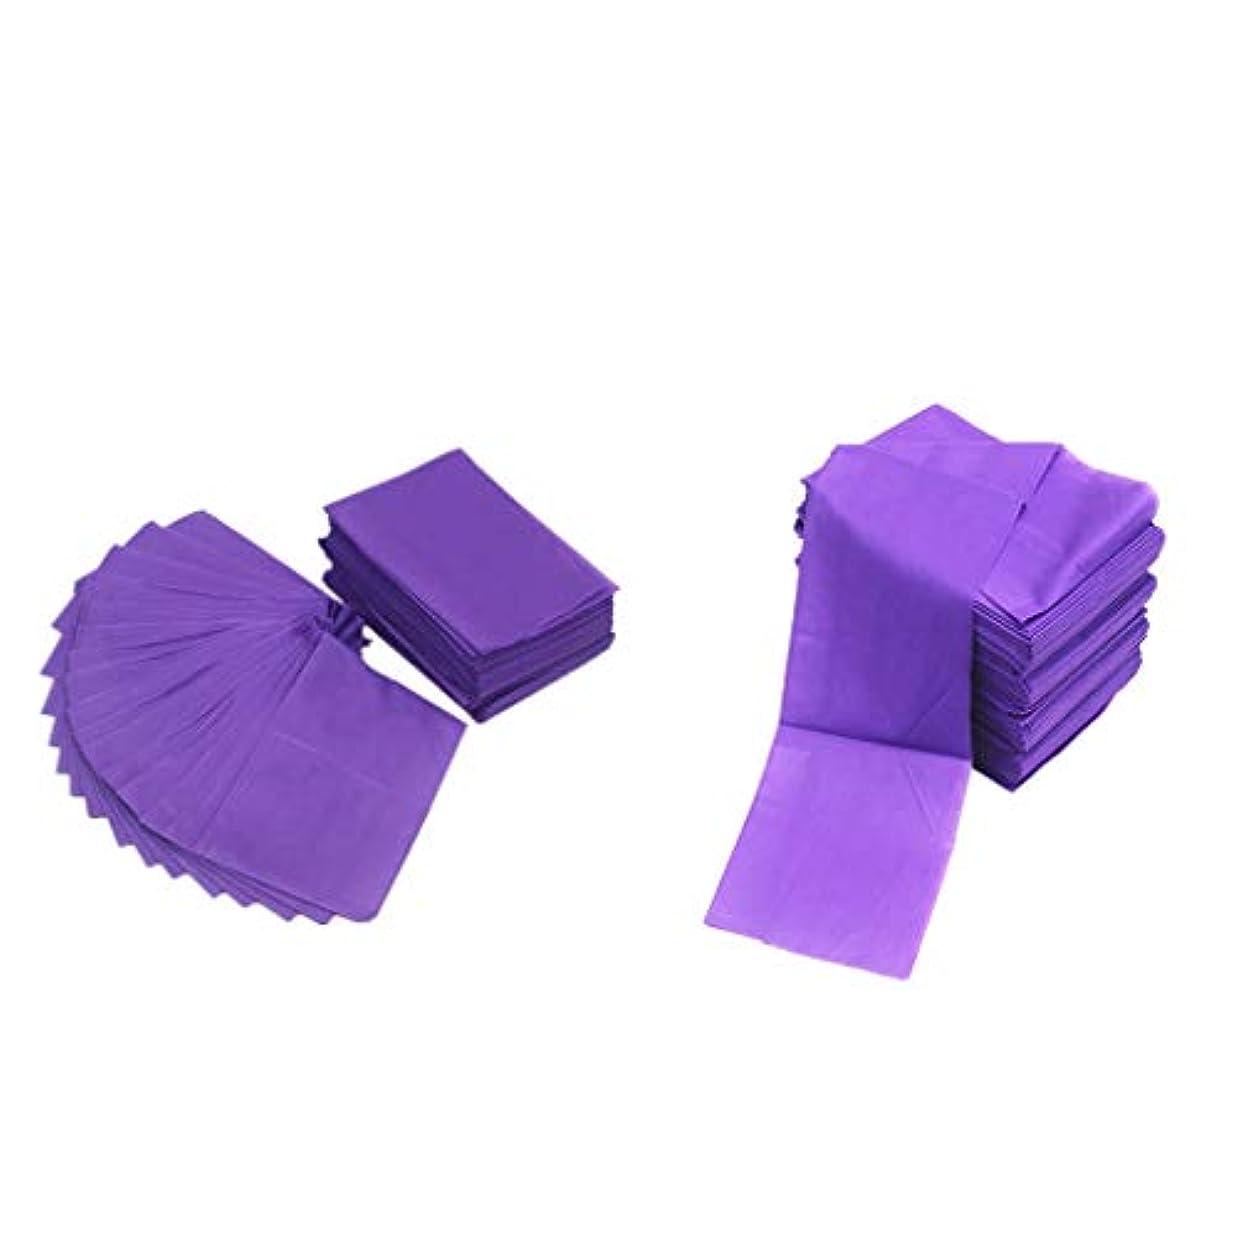 拡声器老人当社テーブルシーツ ベッドカバー マッサージ ベットシート 不織布 使い捨て 防水 パープル 20ピースセット